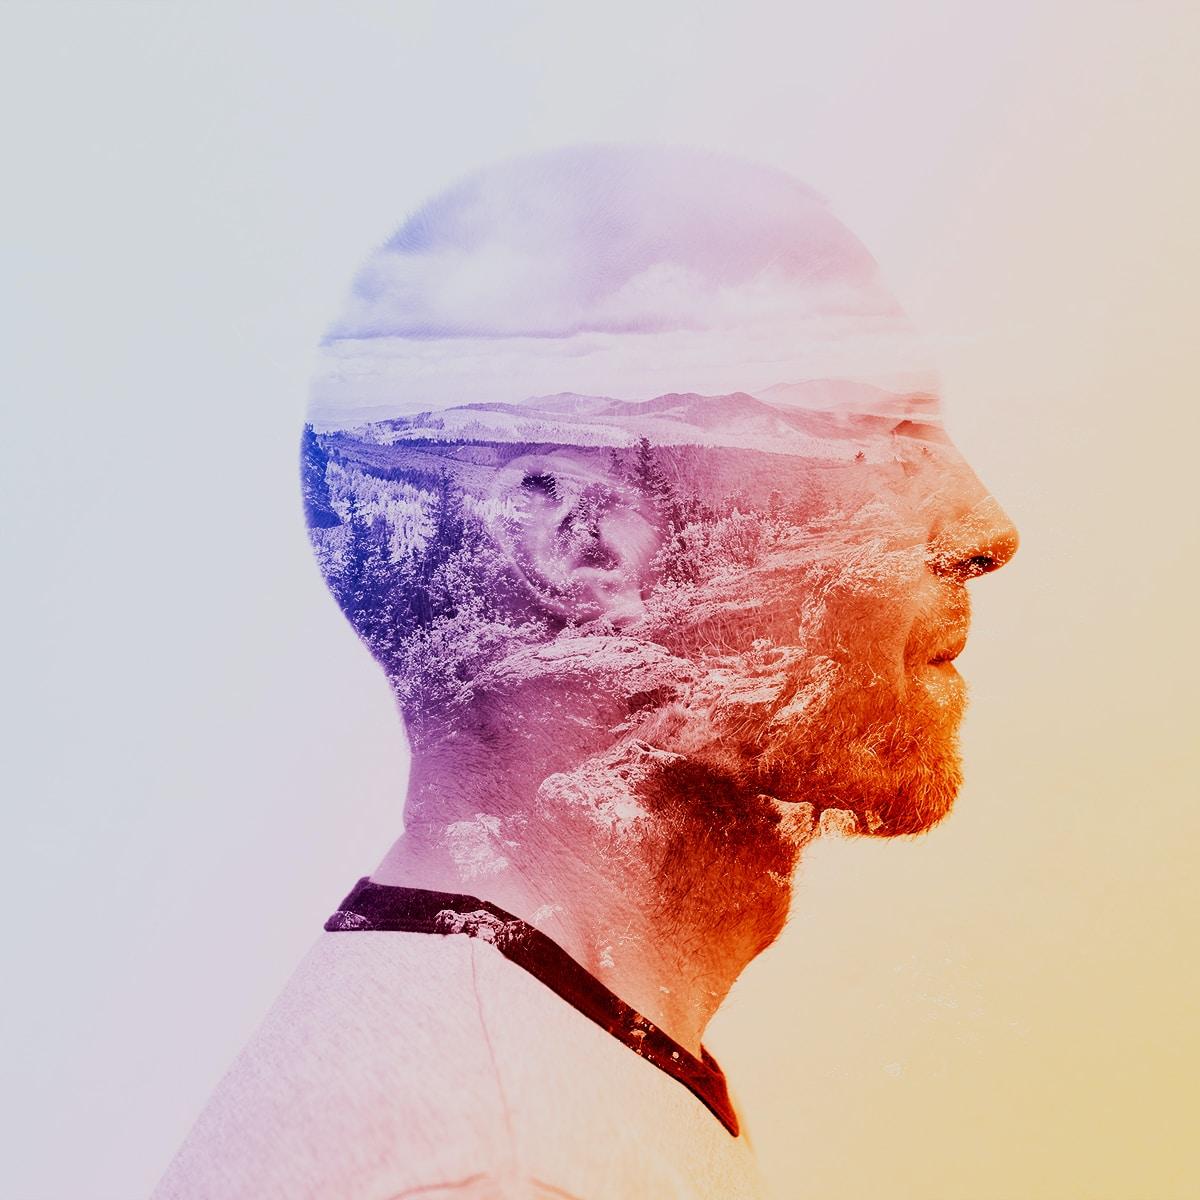 Avatar of user Markus Spiske